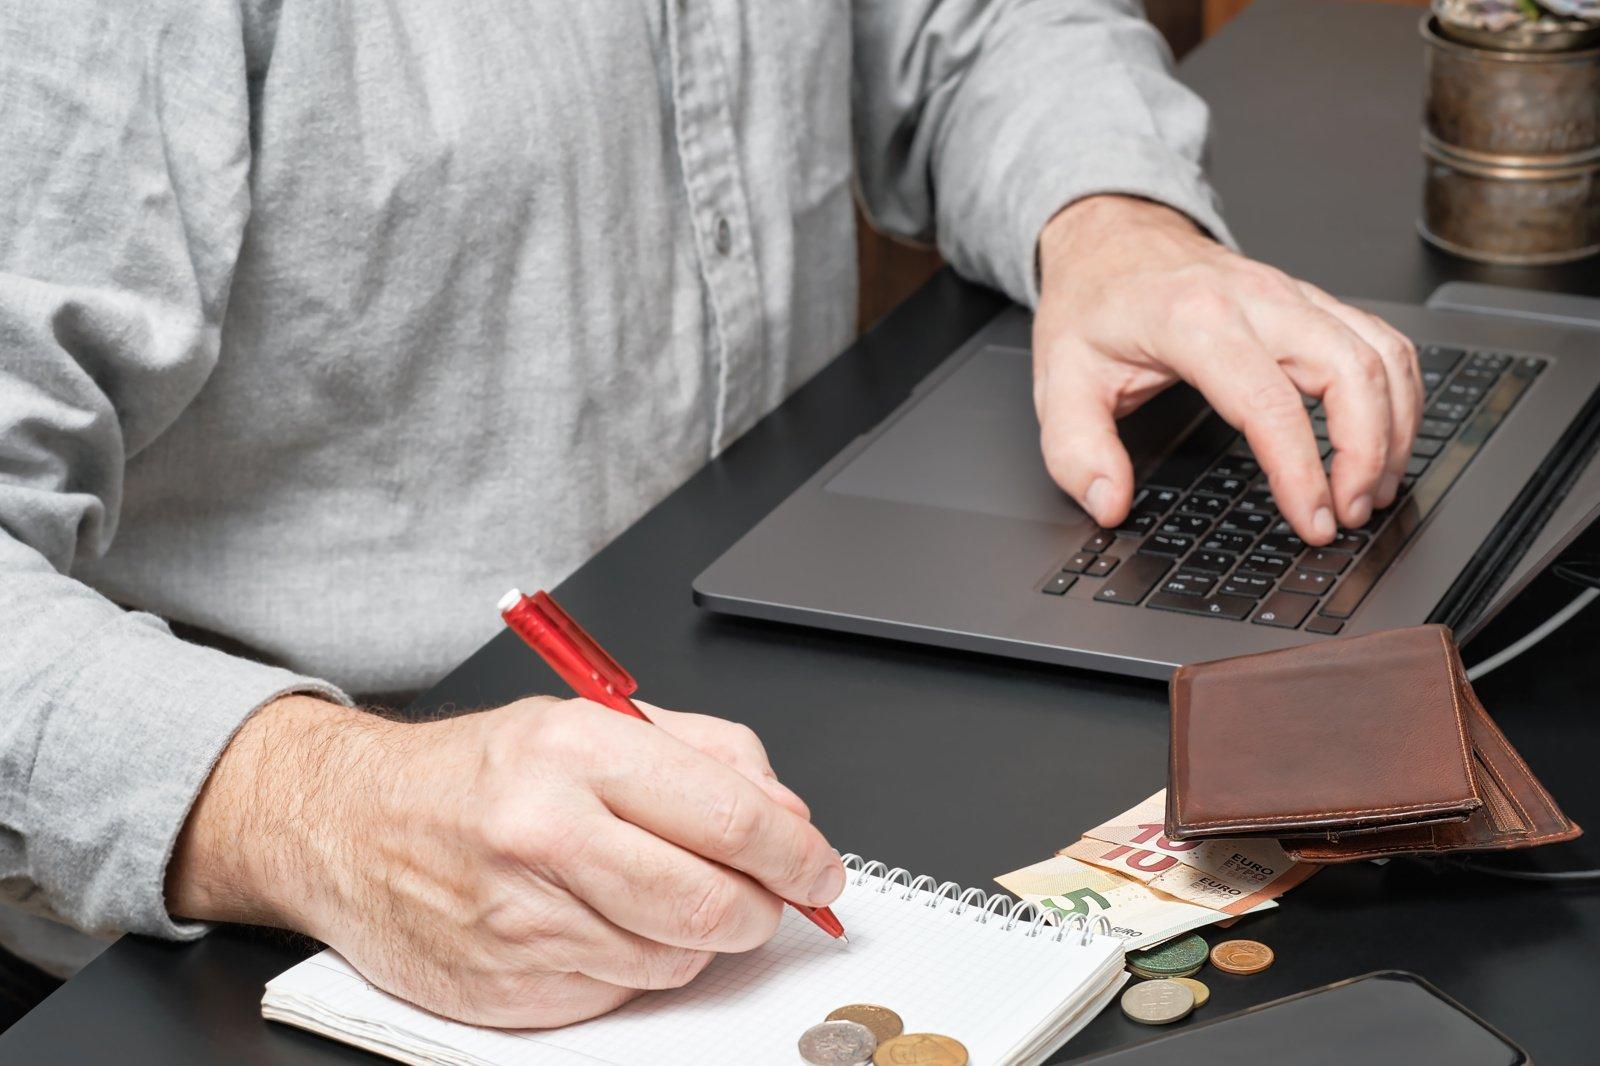 Dažniausiai užduodami klausimai apie skolų išieškojimą